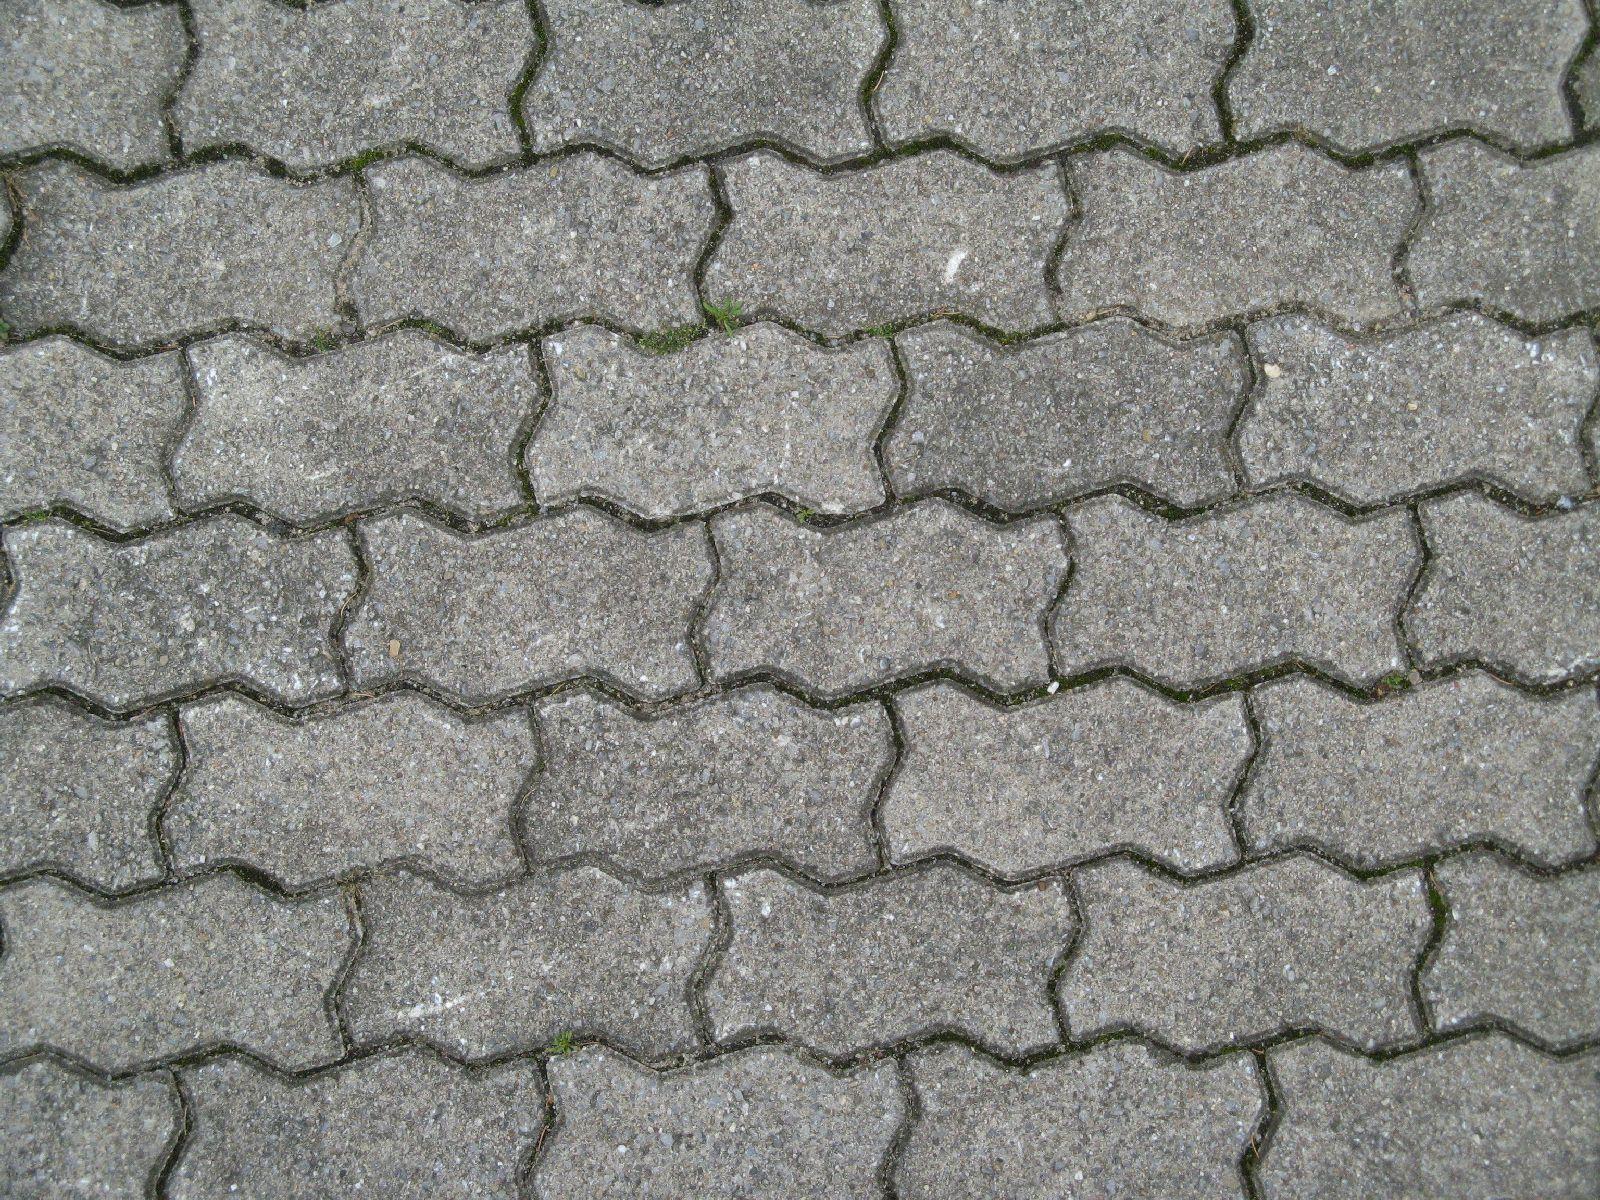 Ground-Urban_Texture_B_0558